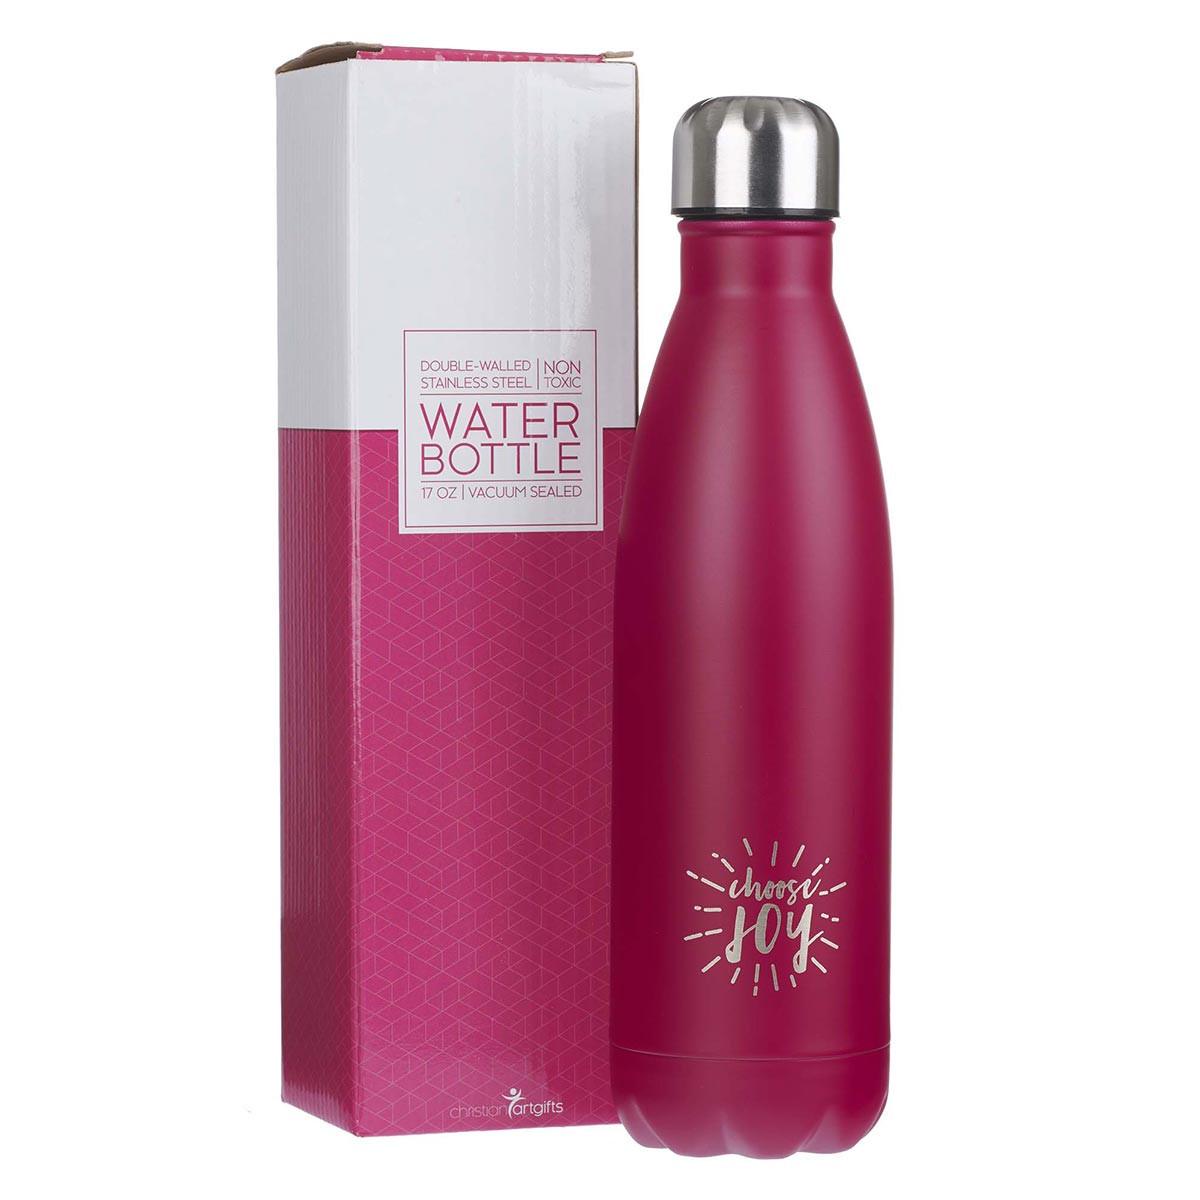 Water Bottle In Spanish: Stainless Steel Water Bottle: Choose Joy In Pink